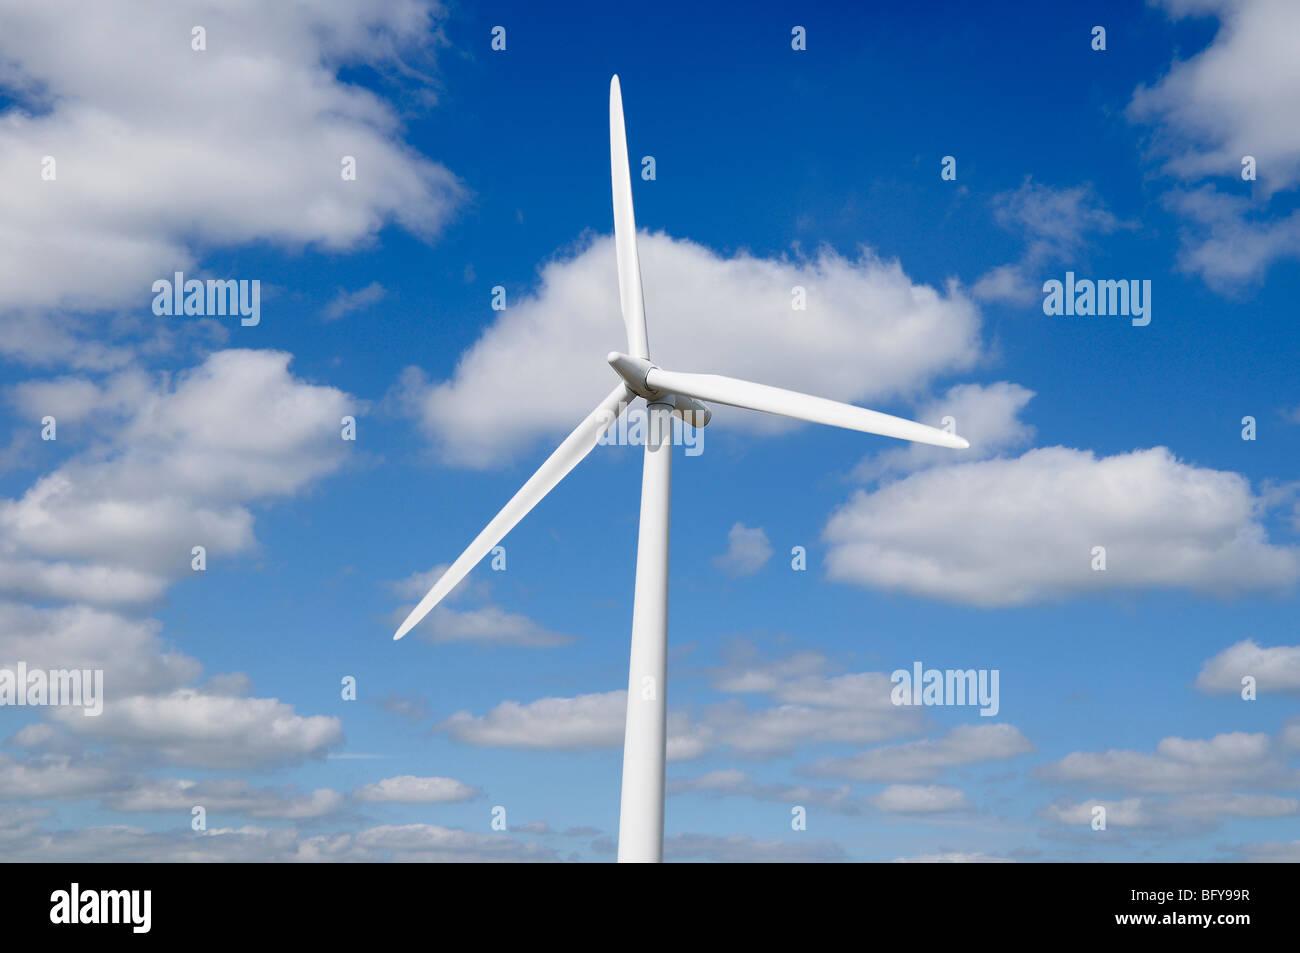 Turbina eolica contro una nube riempiva il cielo blu Immagini Stock